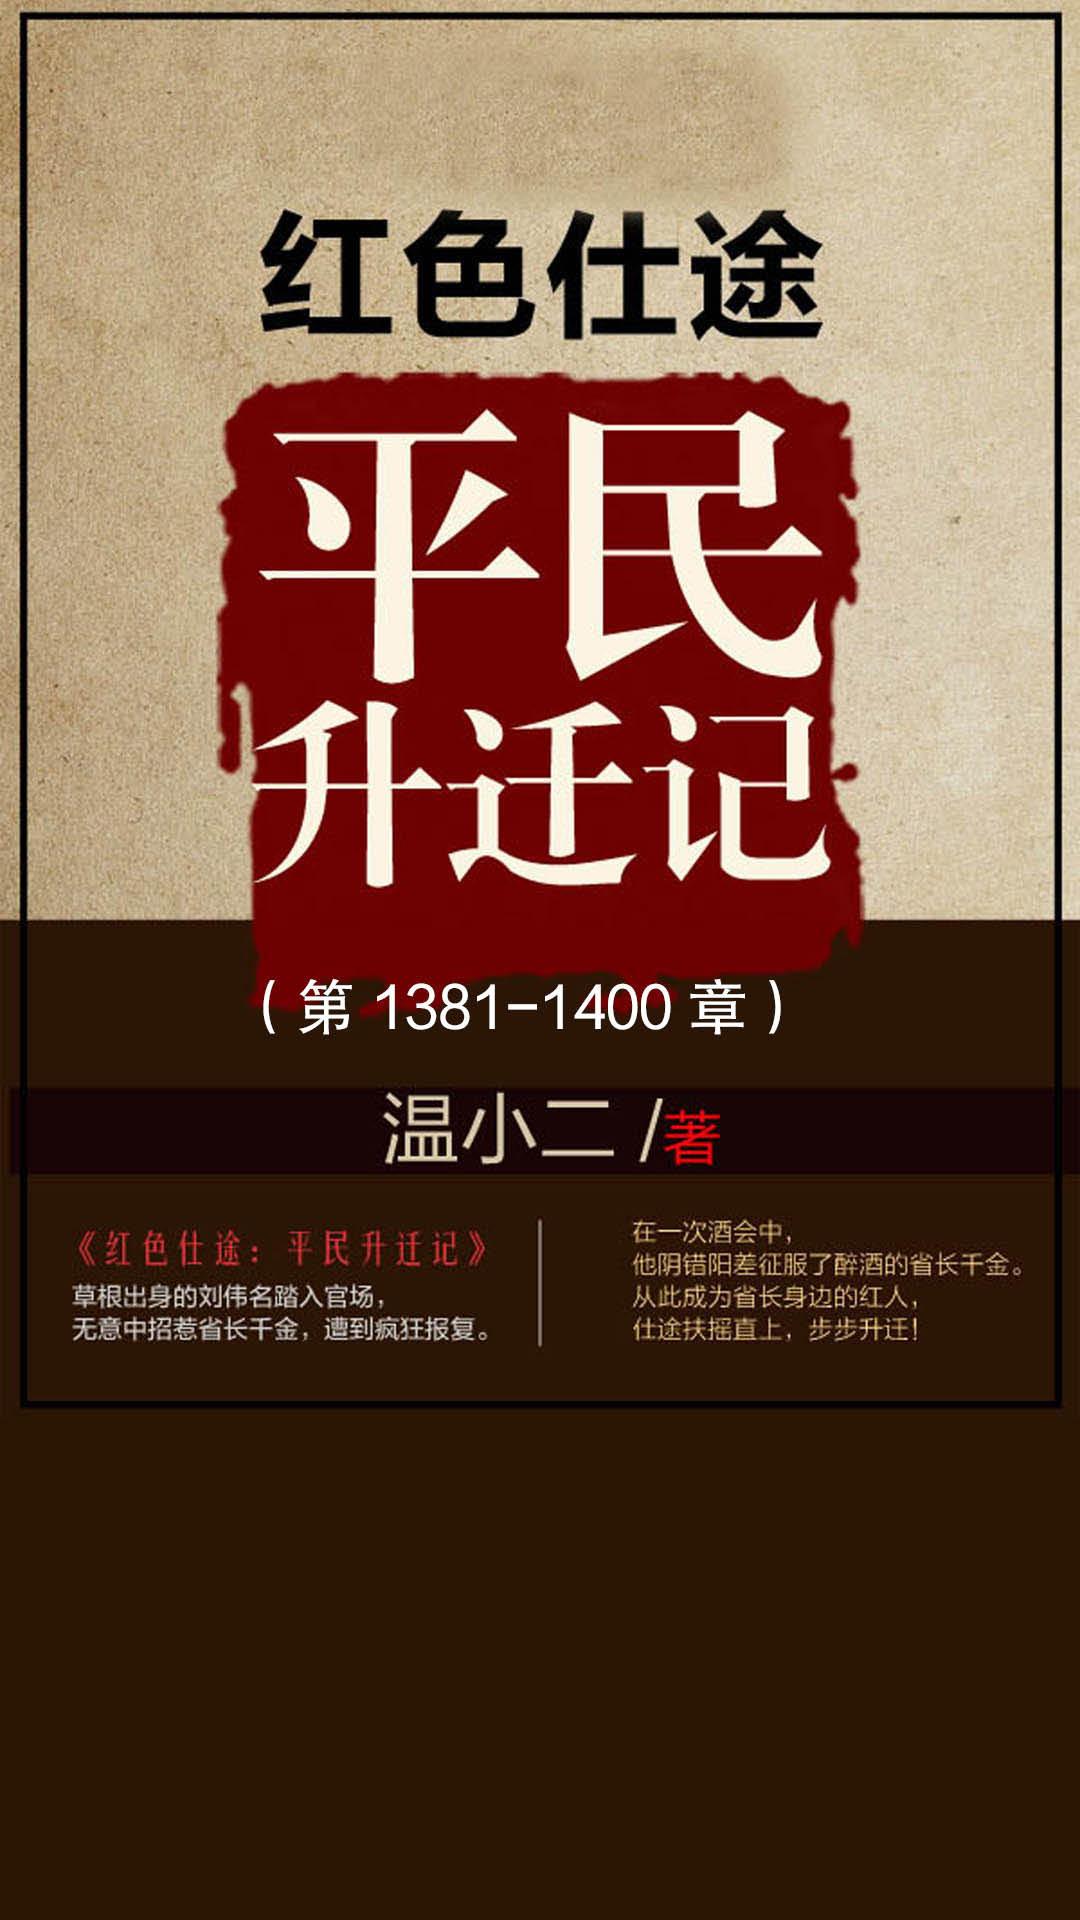 当当阅读器 - 红色仕途:平民升迁记(第1381-1400章)